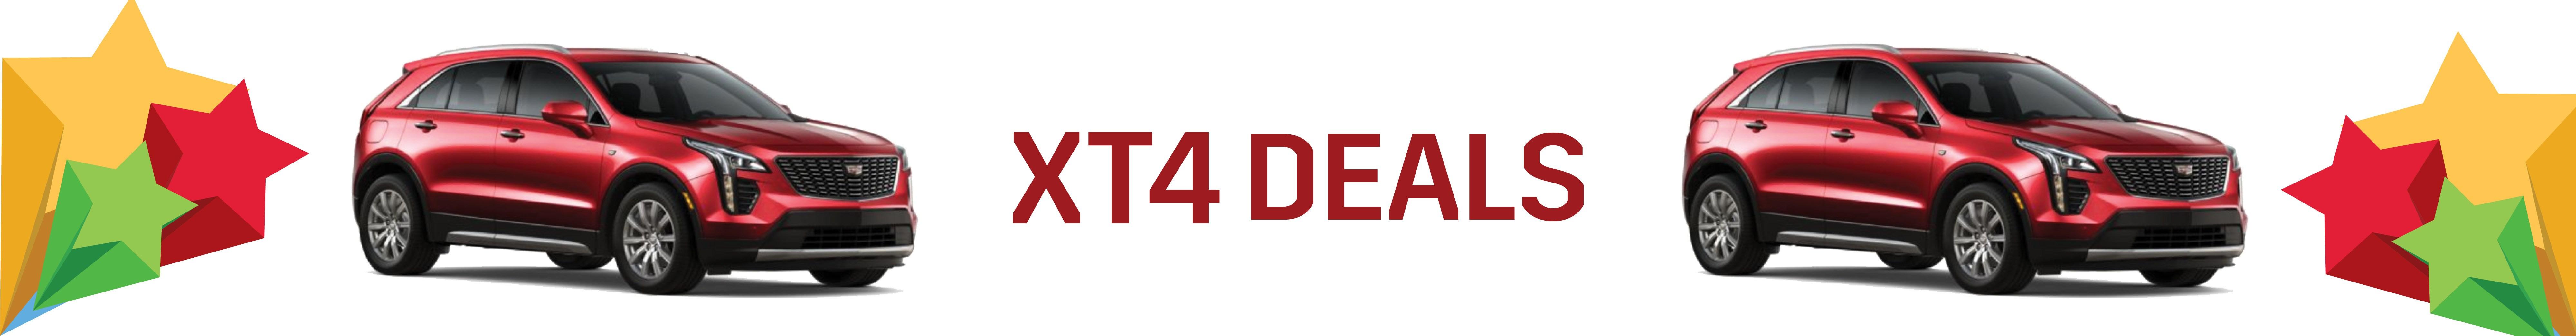 XT4 Deals